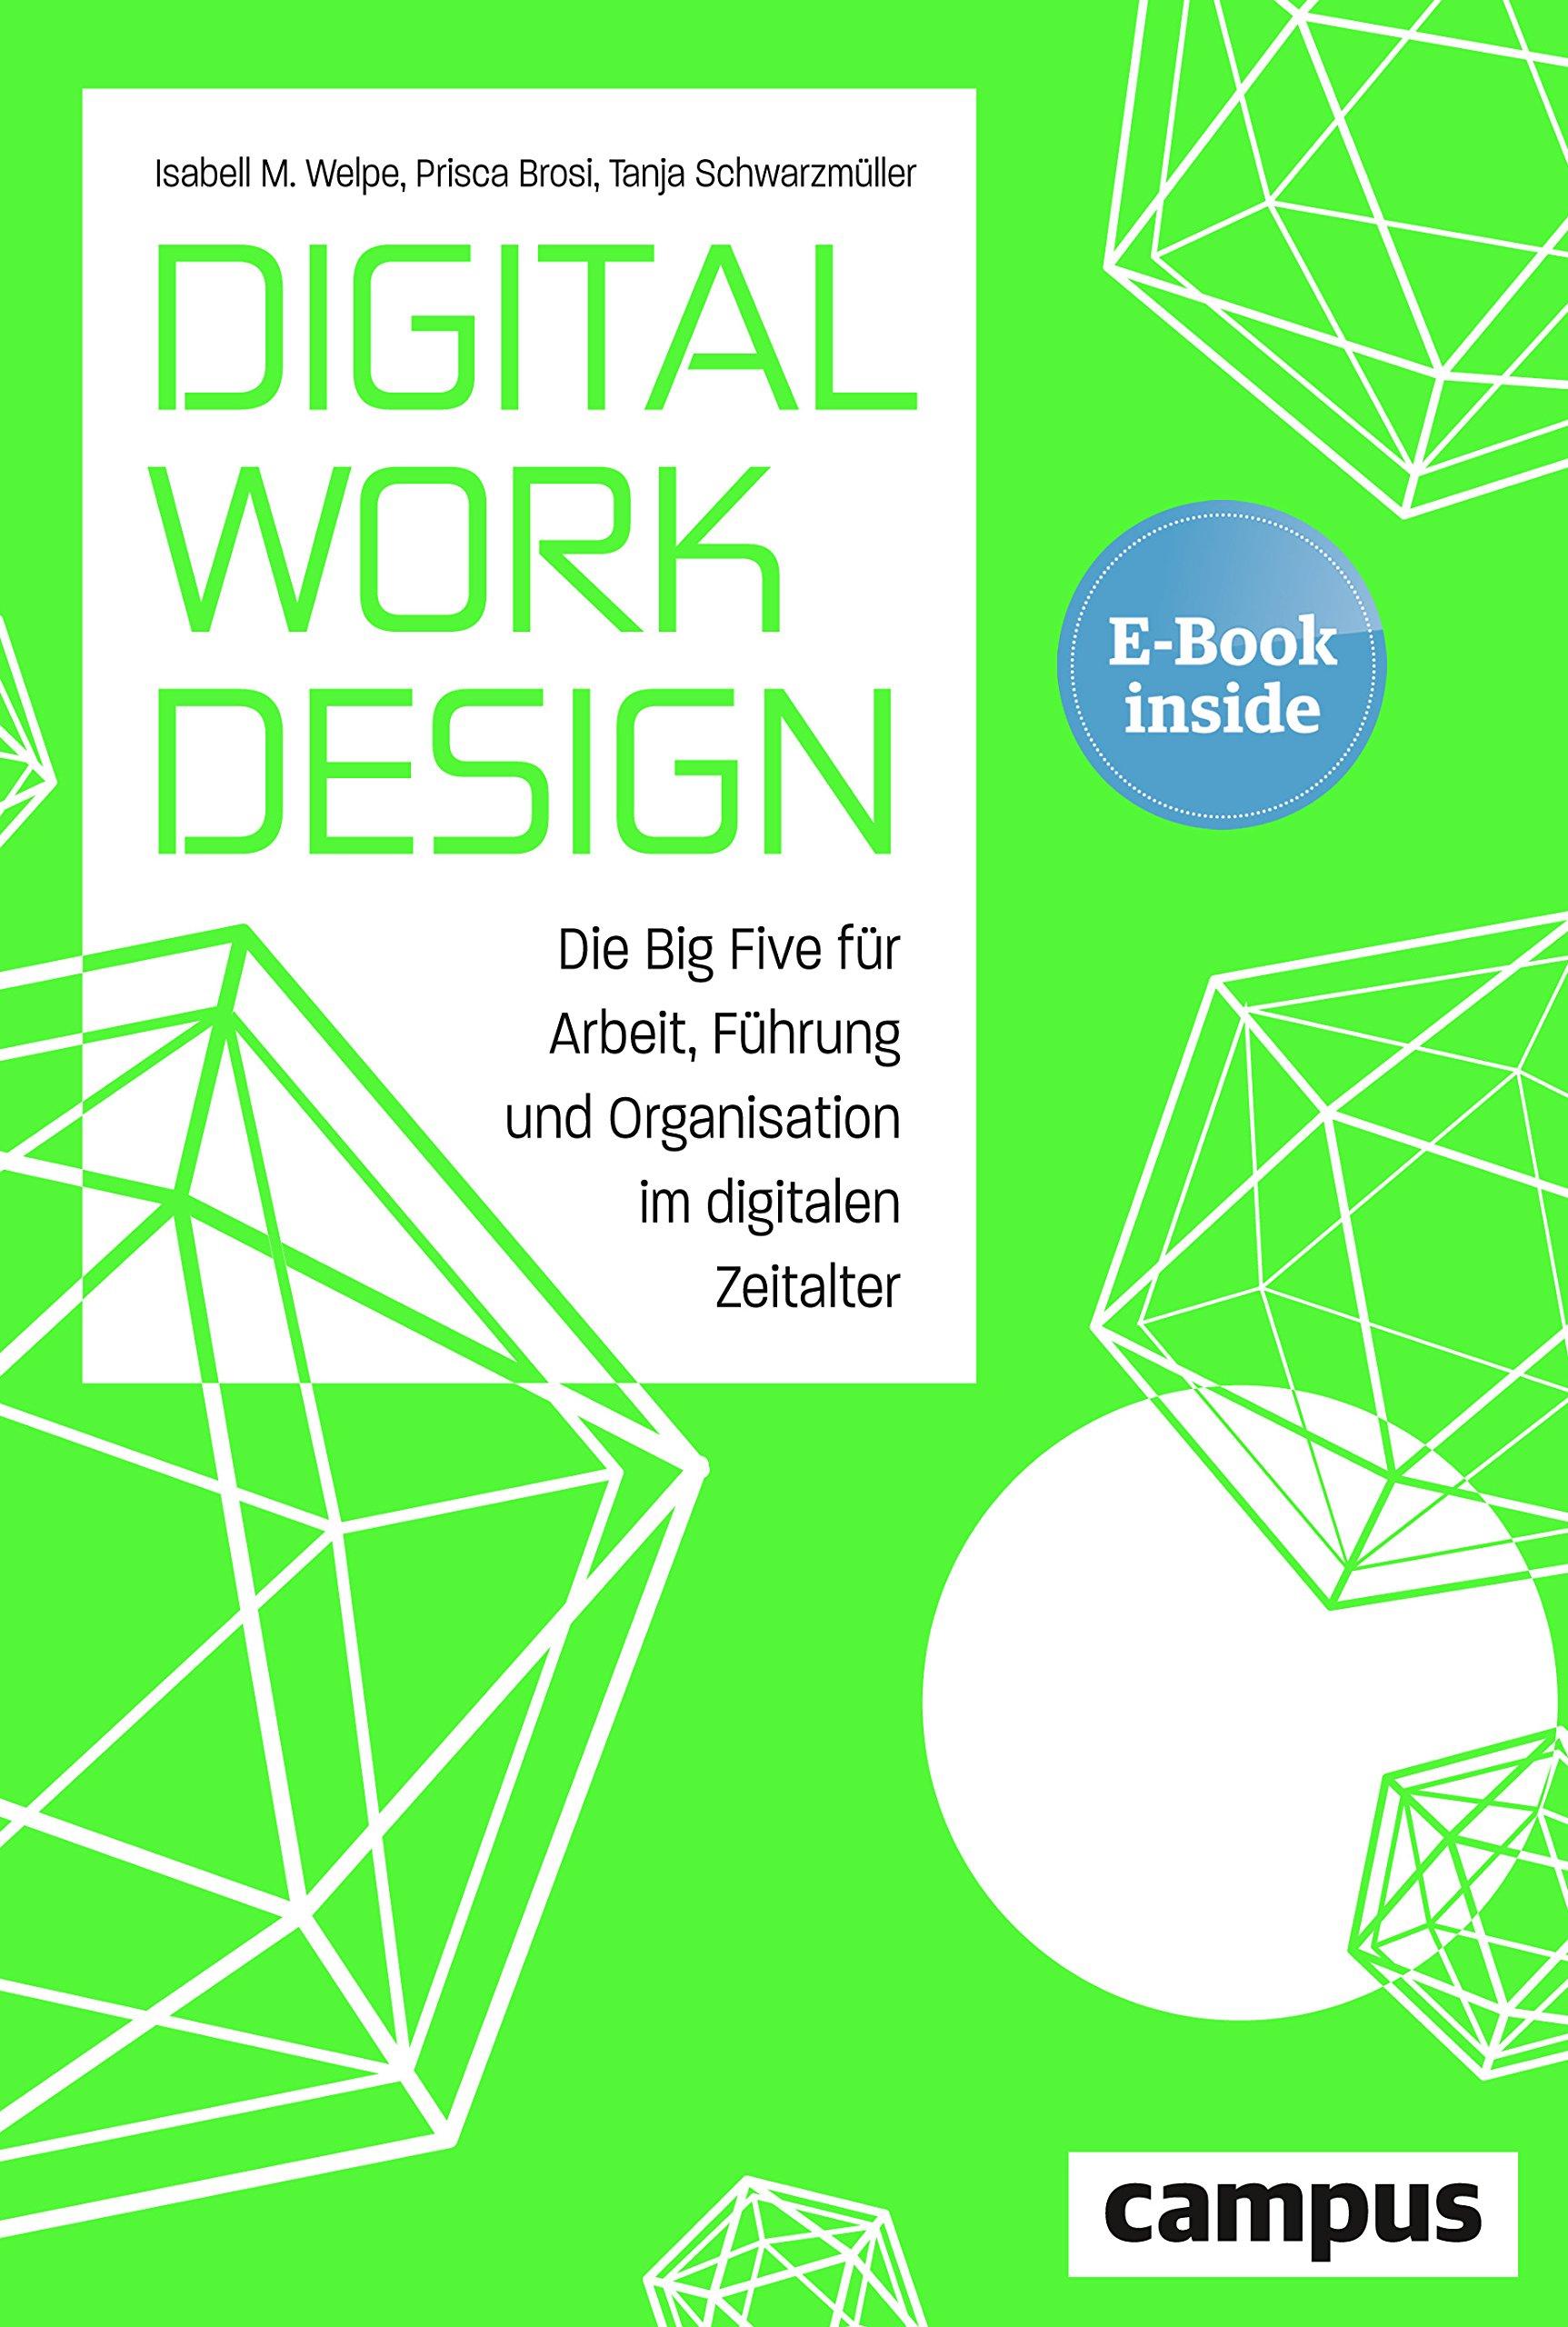 digital_work_design.jpg